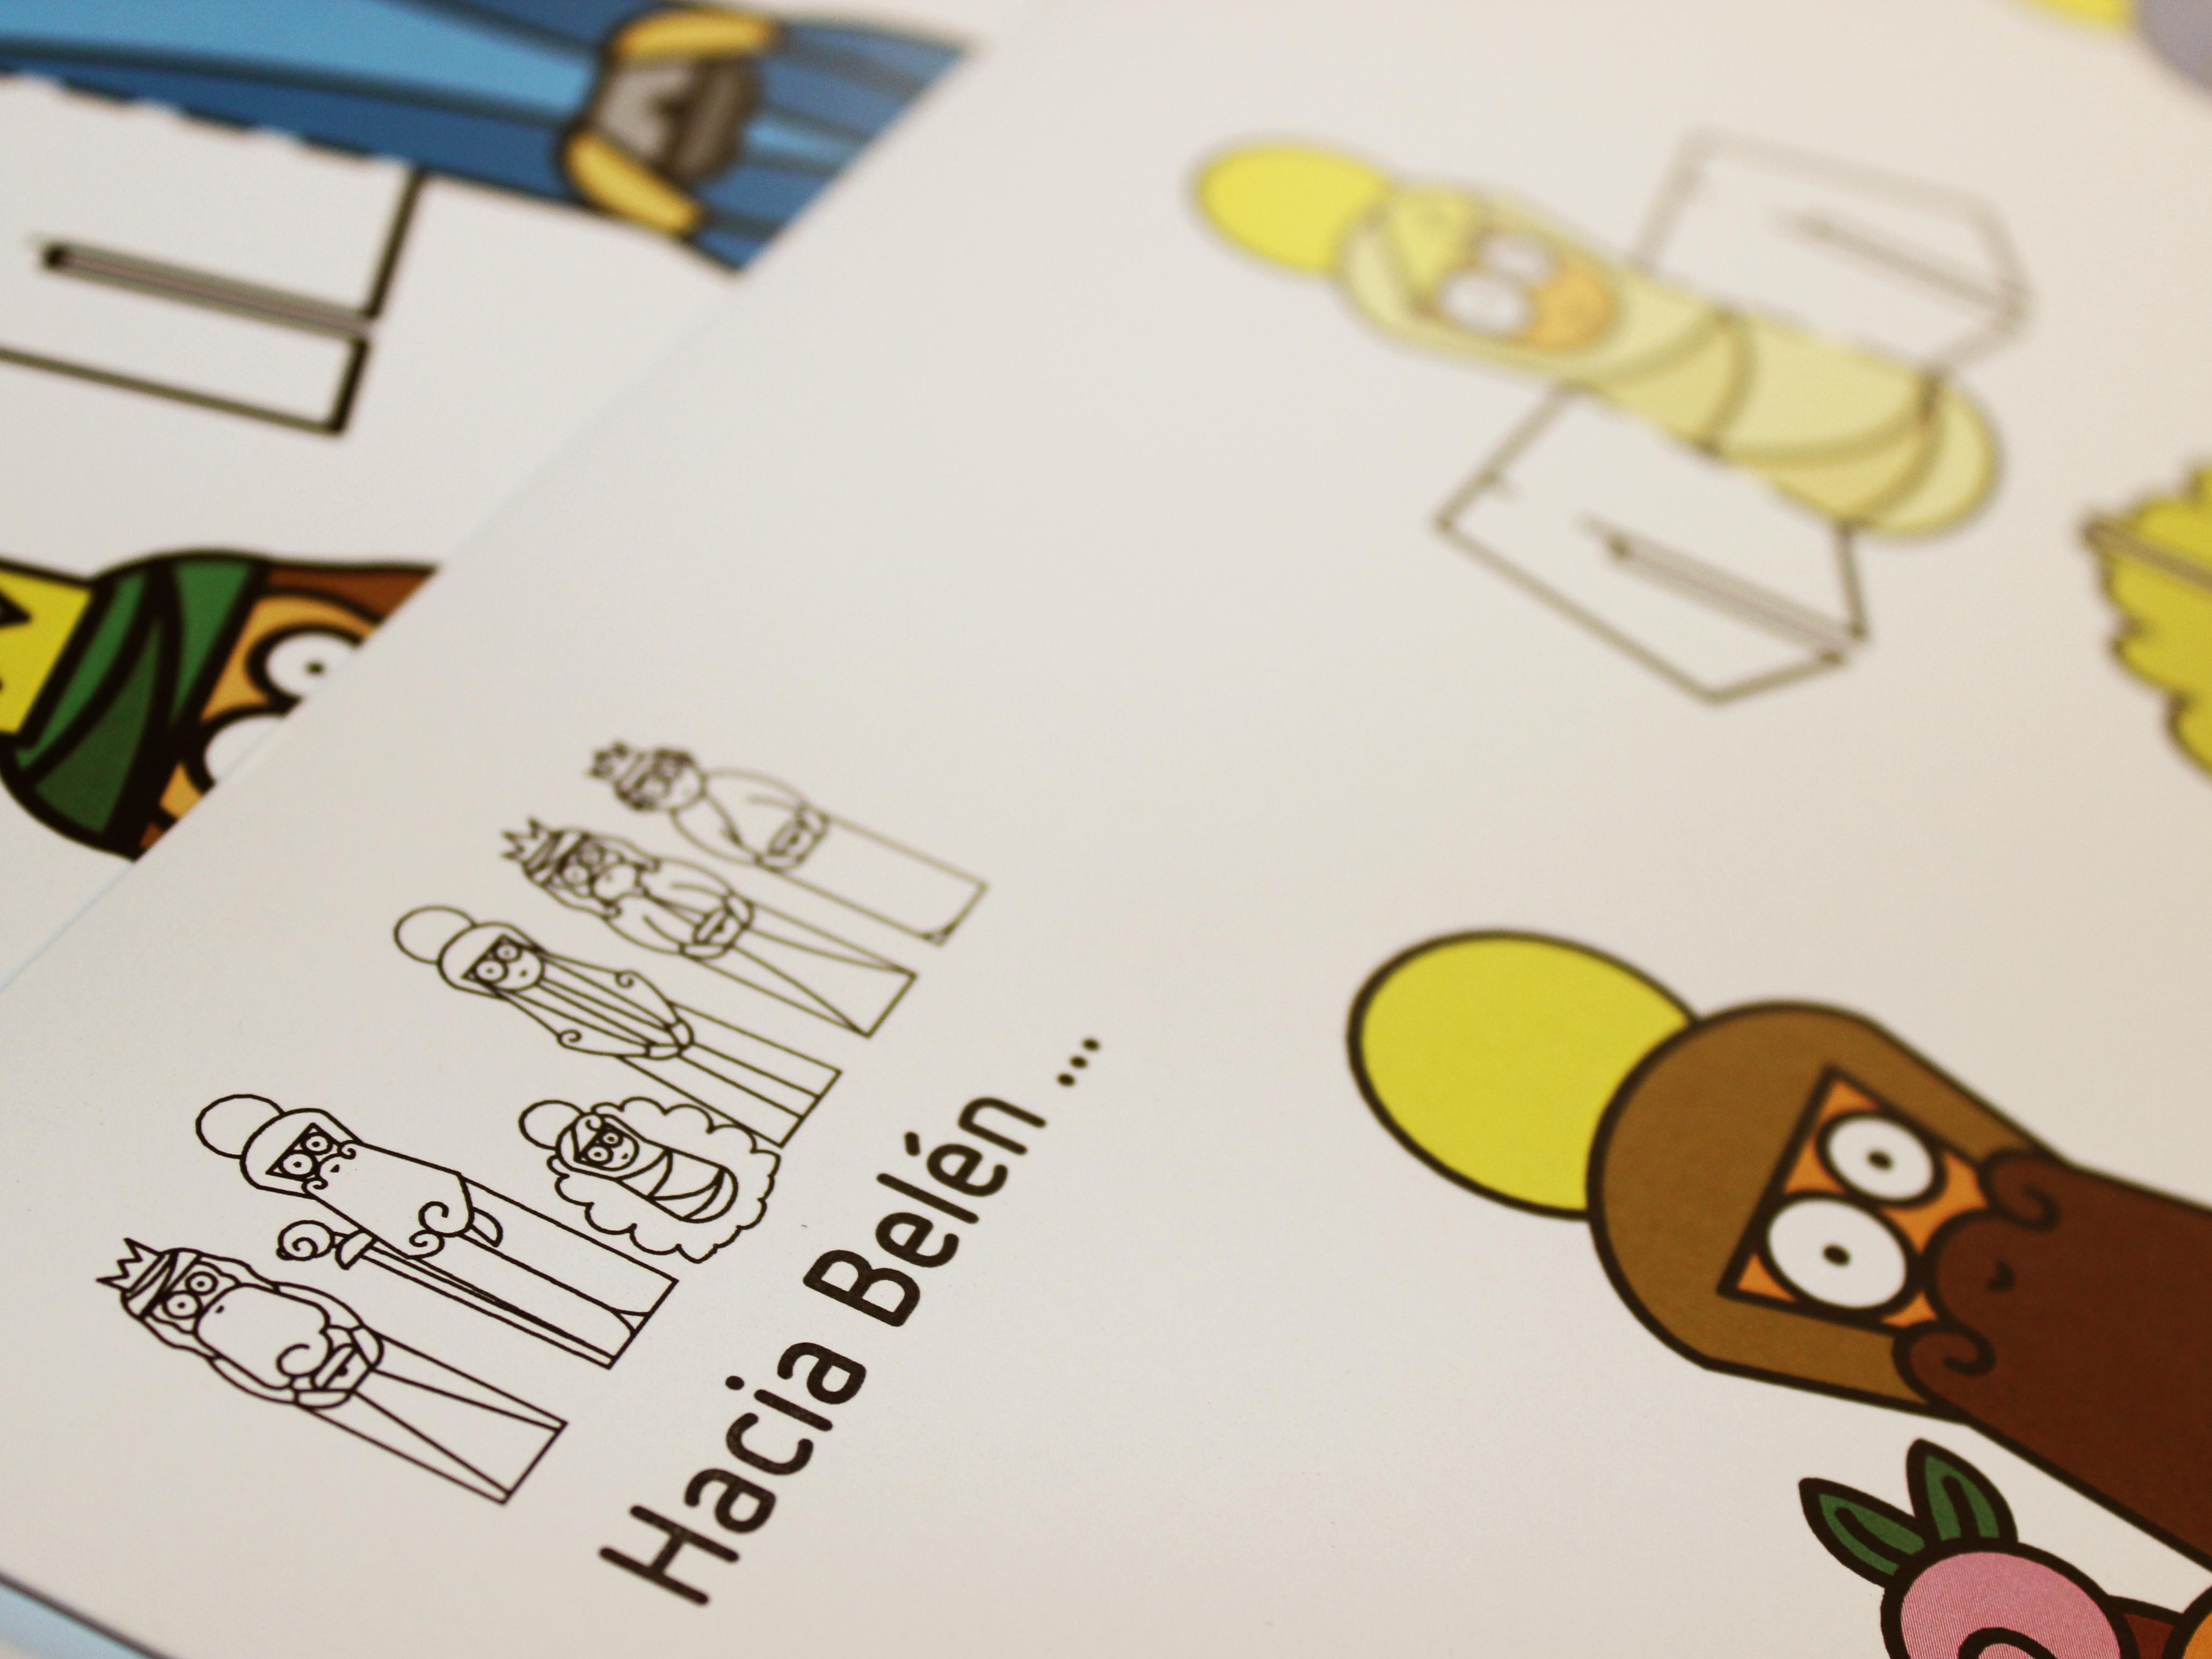 diseño gráfico e ilustración digital